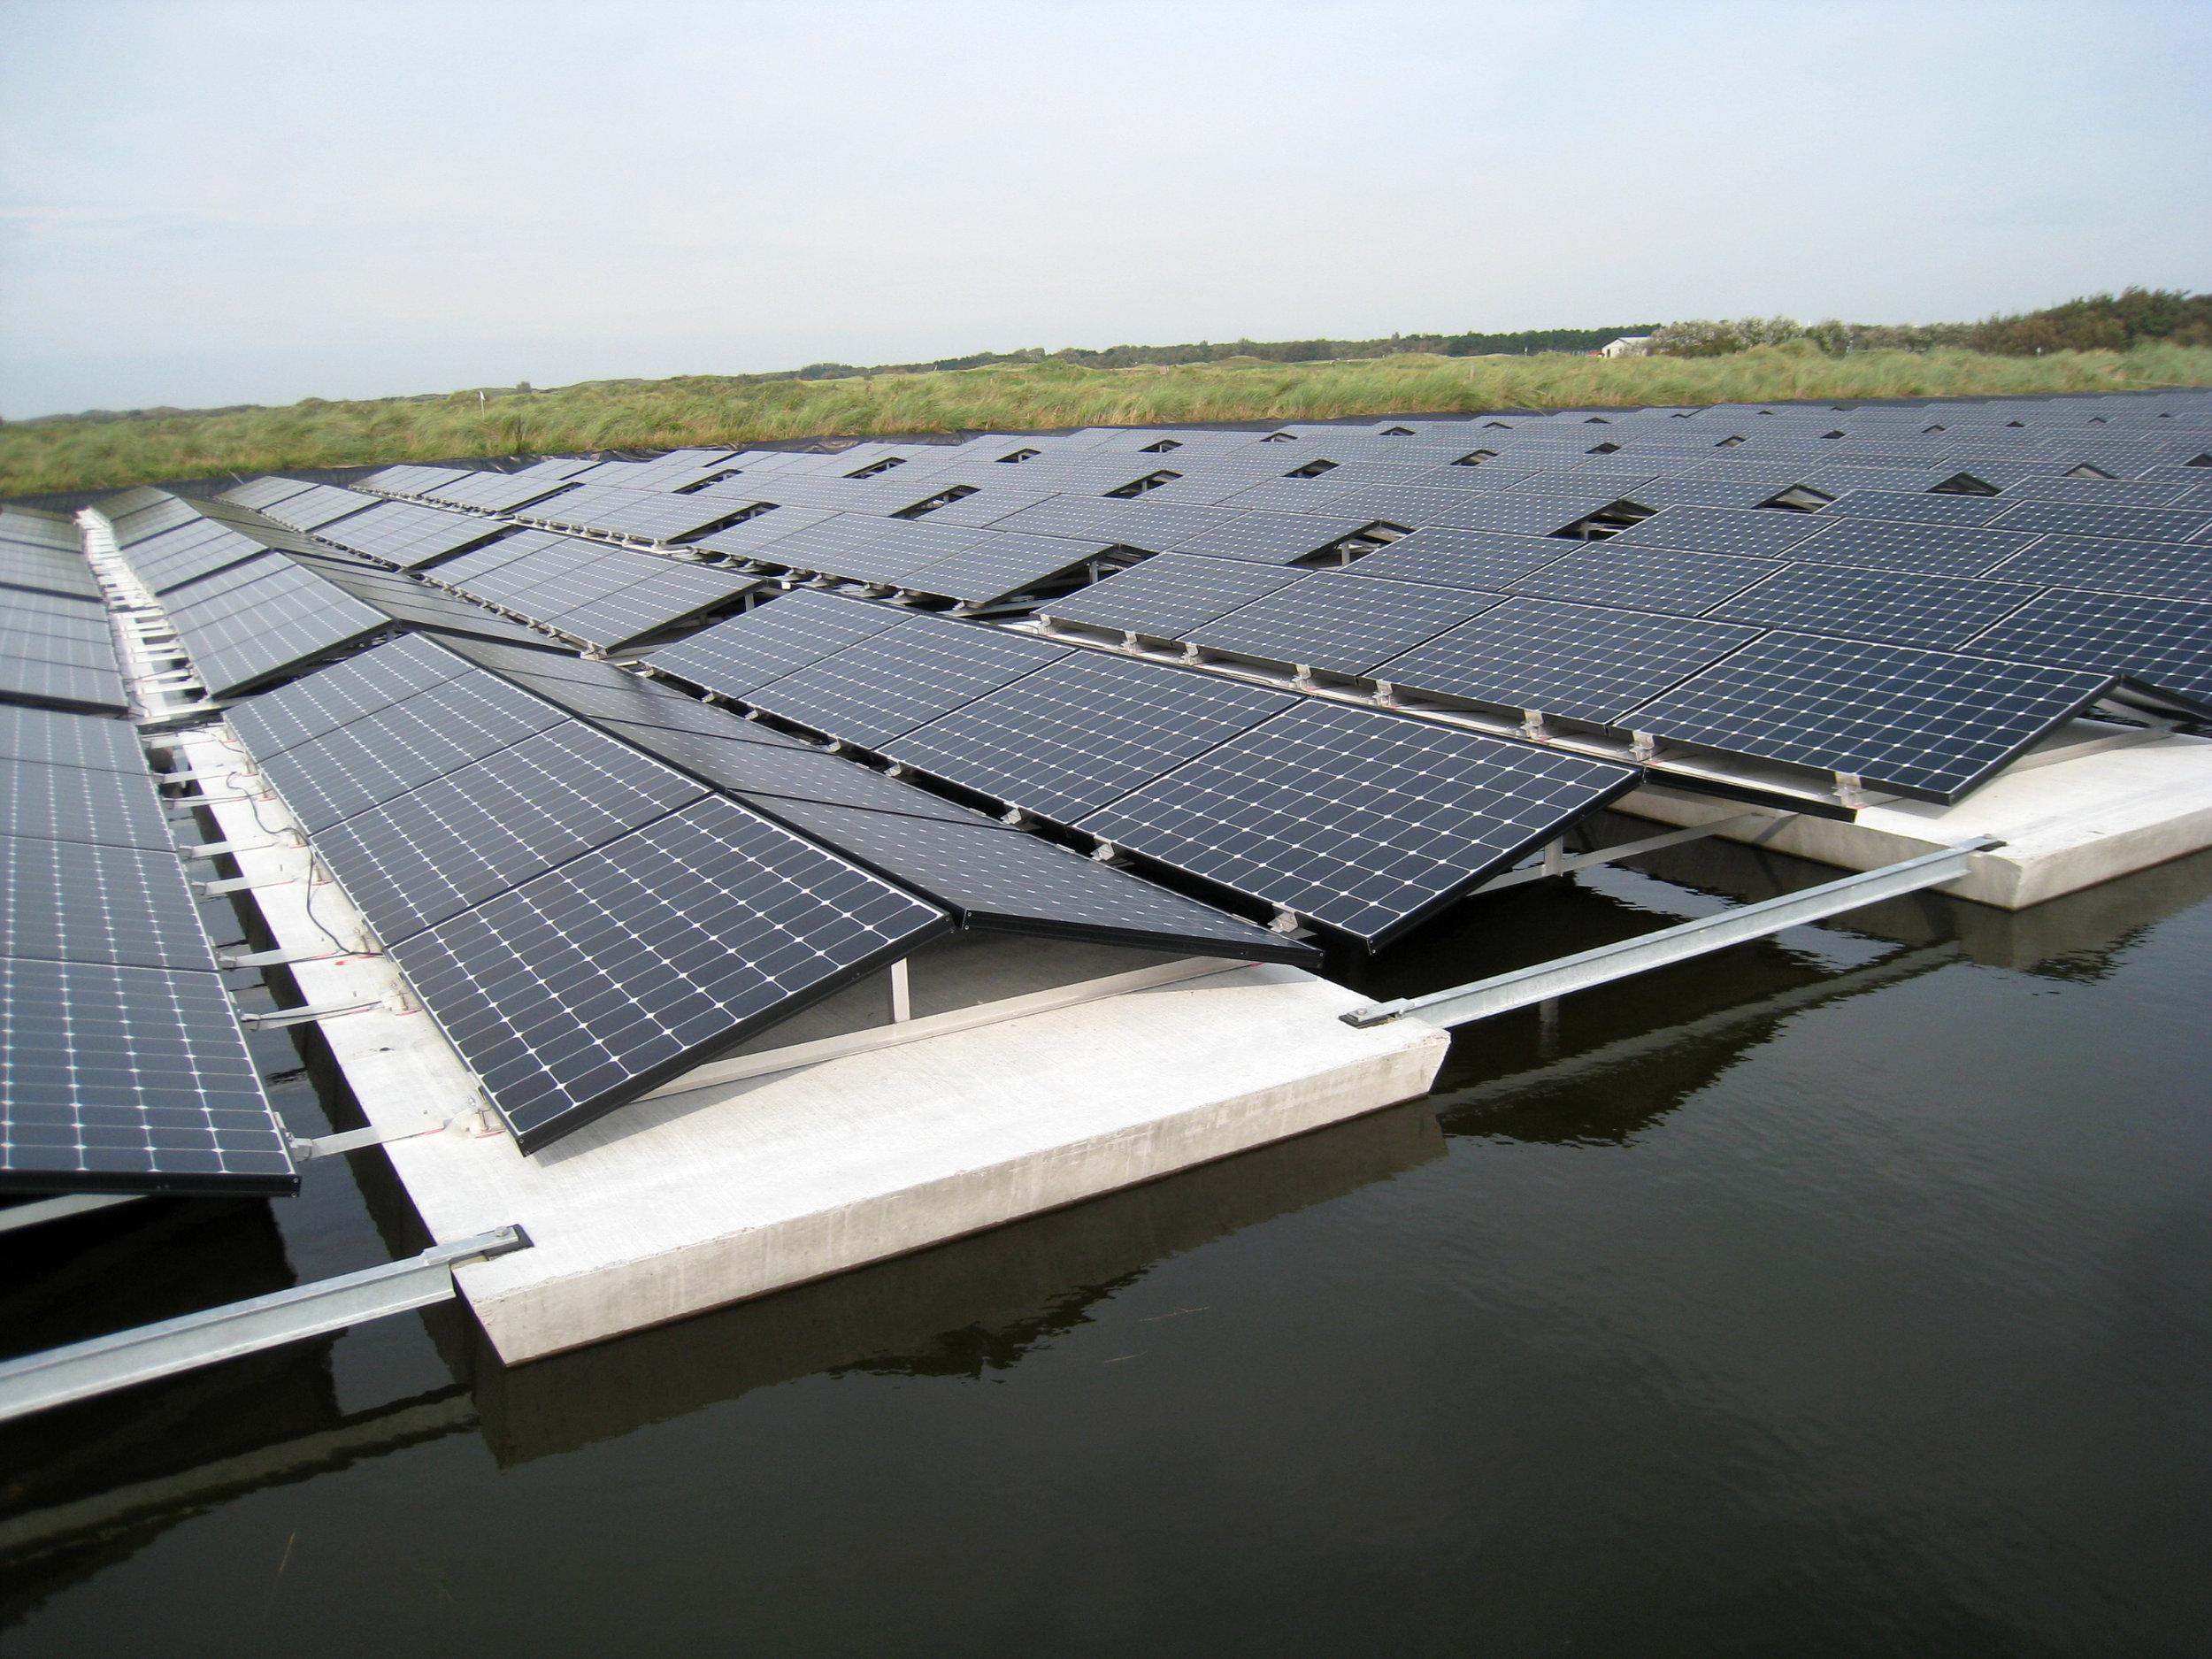 Floating-solar-pv-system-netherlands-nederland-texel-07.JPG